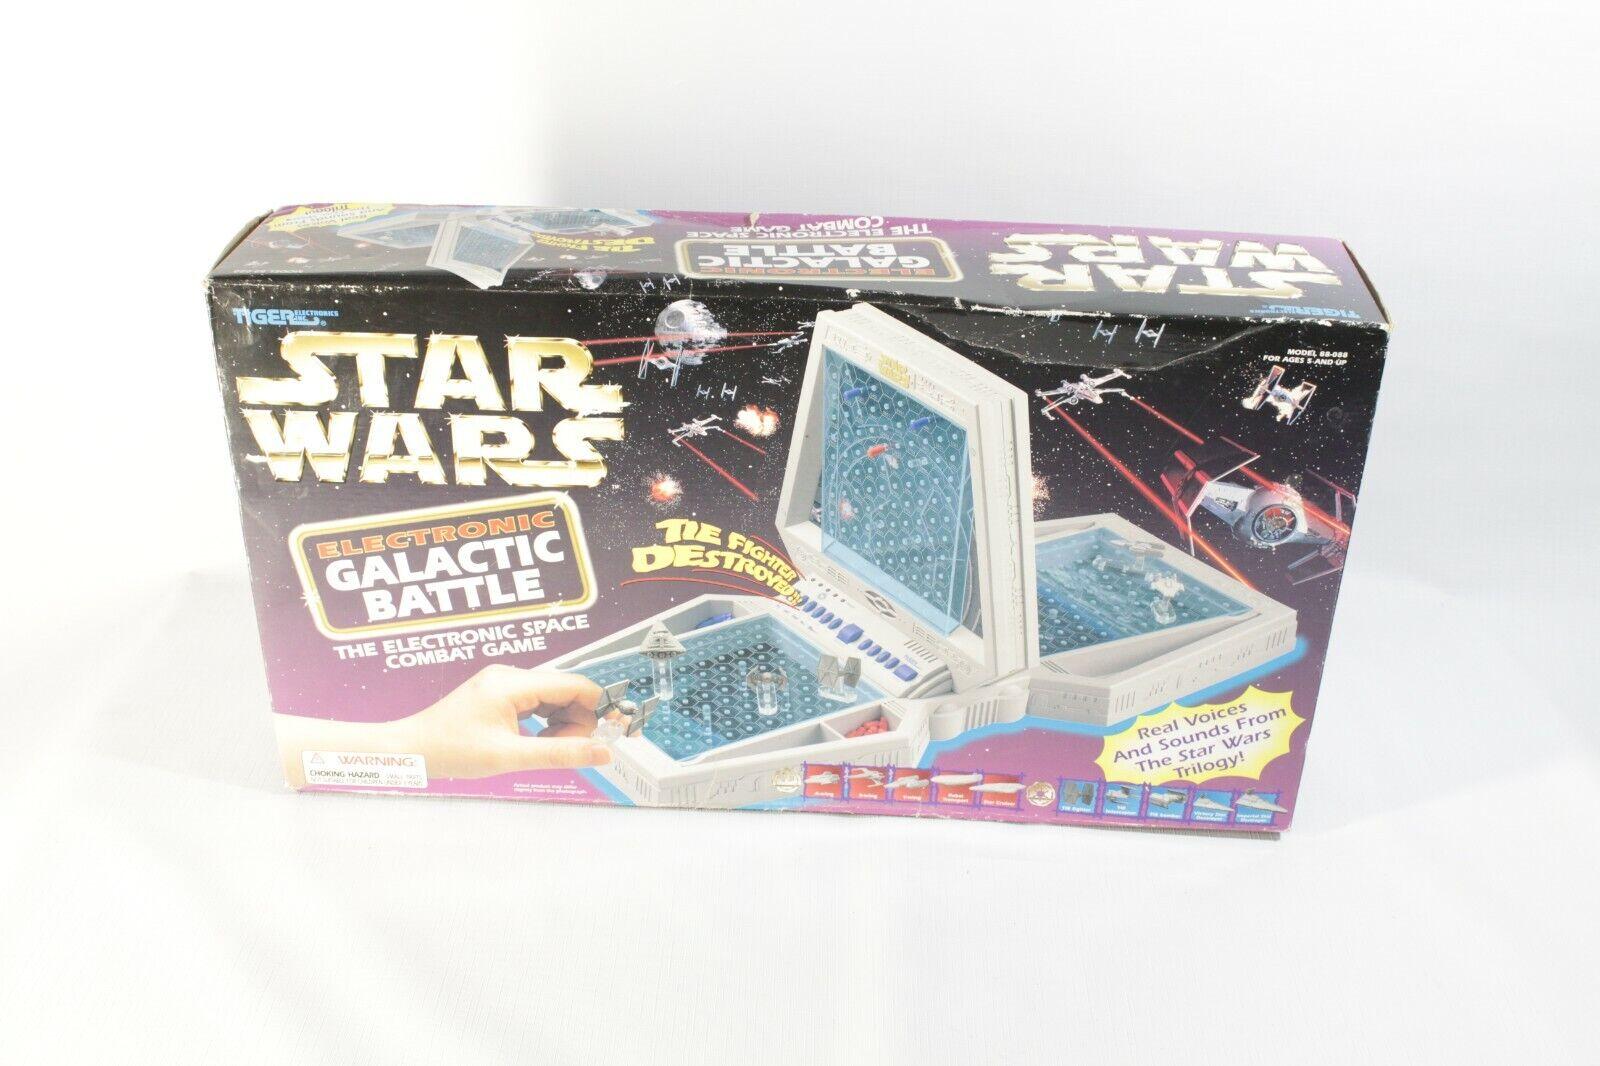 Star Wars Battleship Electronic Galactic Battle Game Tiger 1997